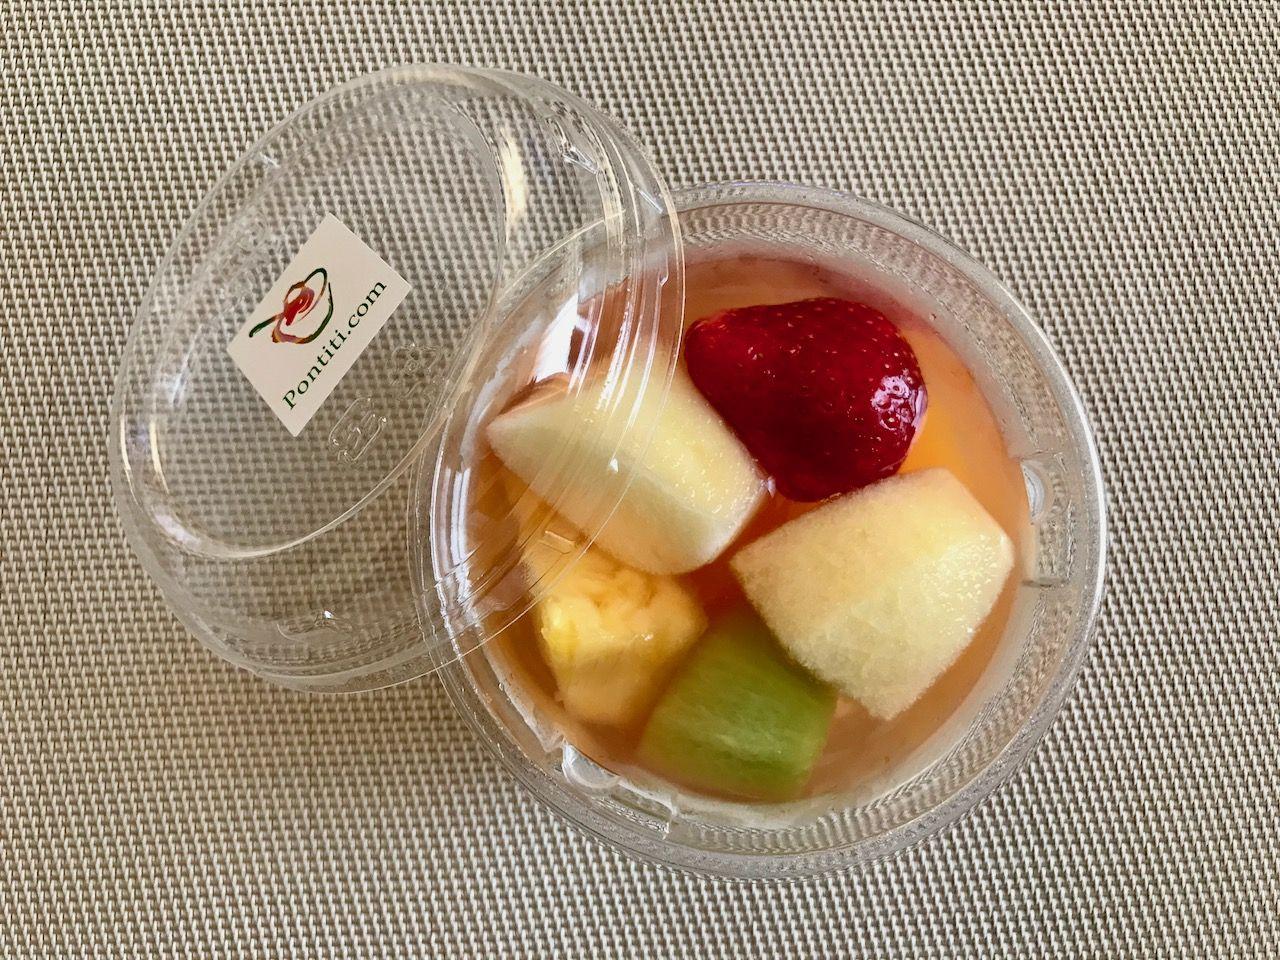 「フルッティア/フルーツbar」でしか食べられません!可憐なお花のようなポンチッチパフェ